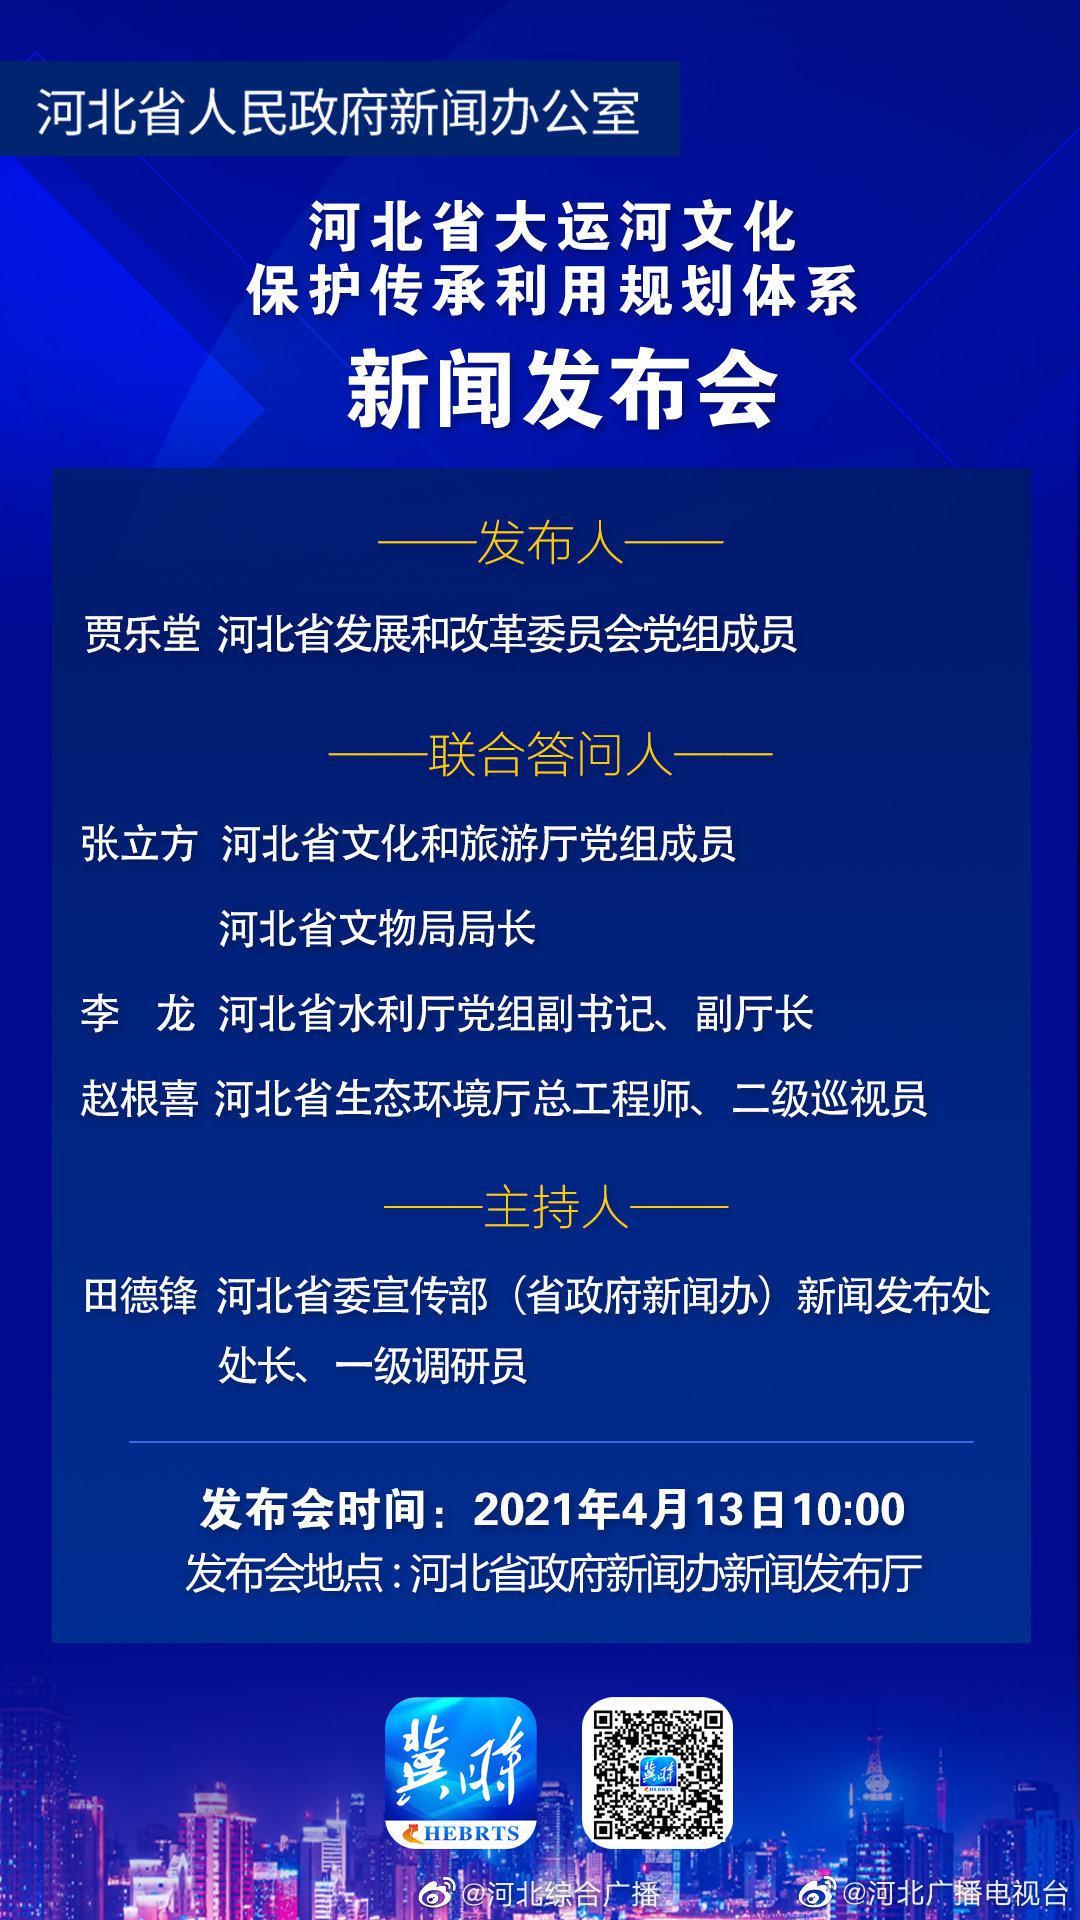 """直播:""""河北省大运河文化保护传承利用规划体系""""新闻发布会"""